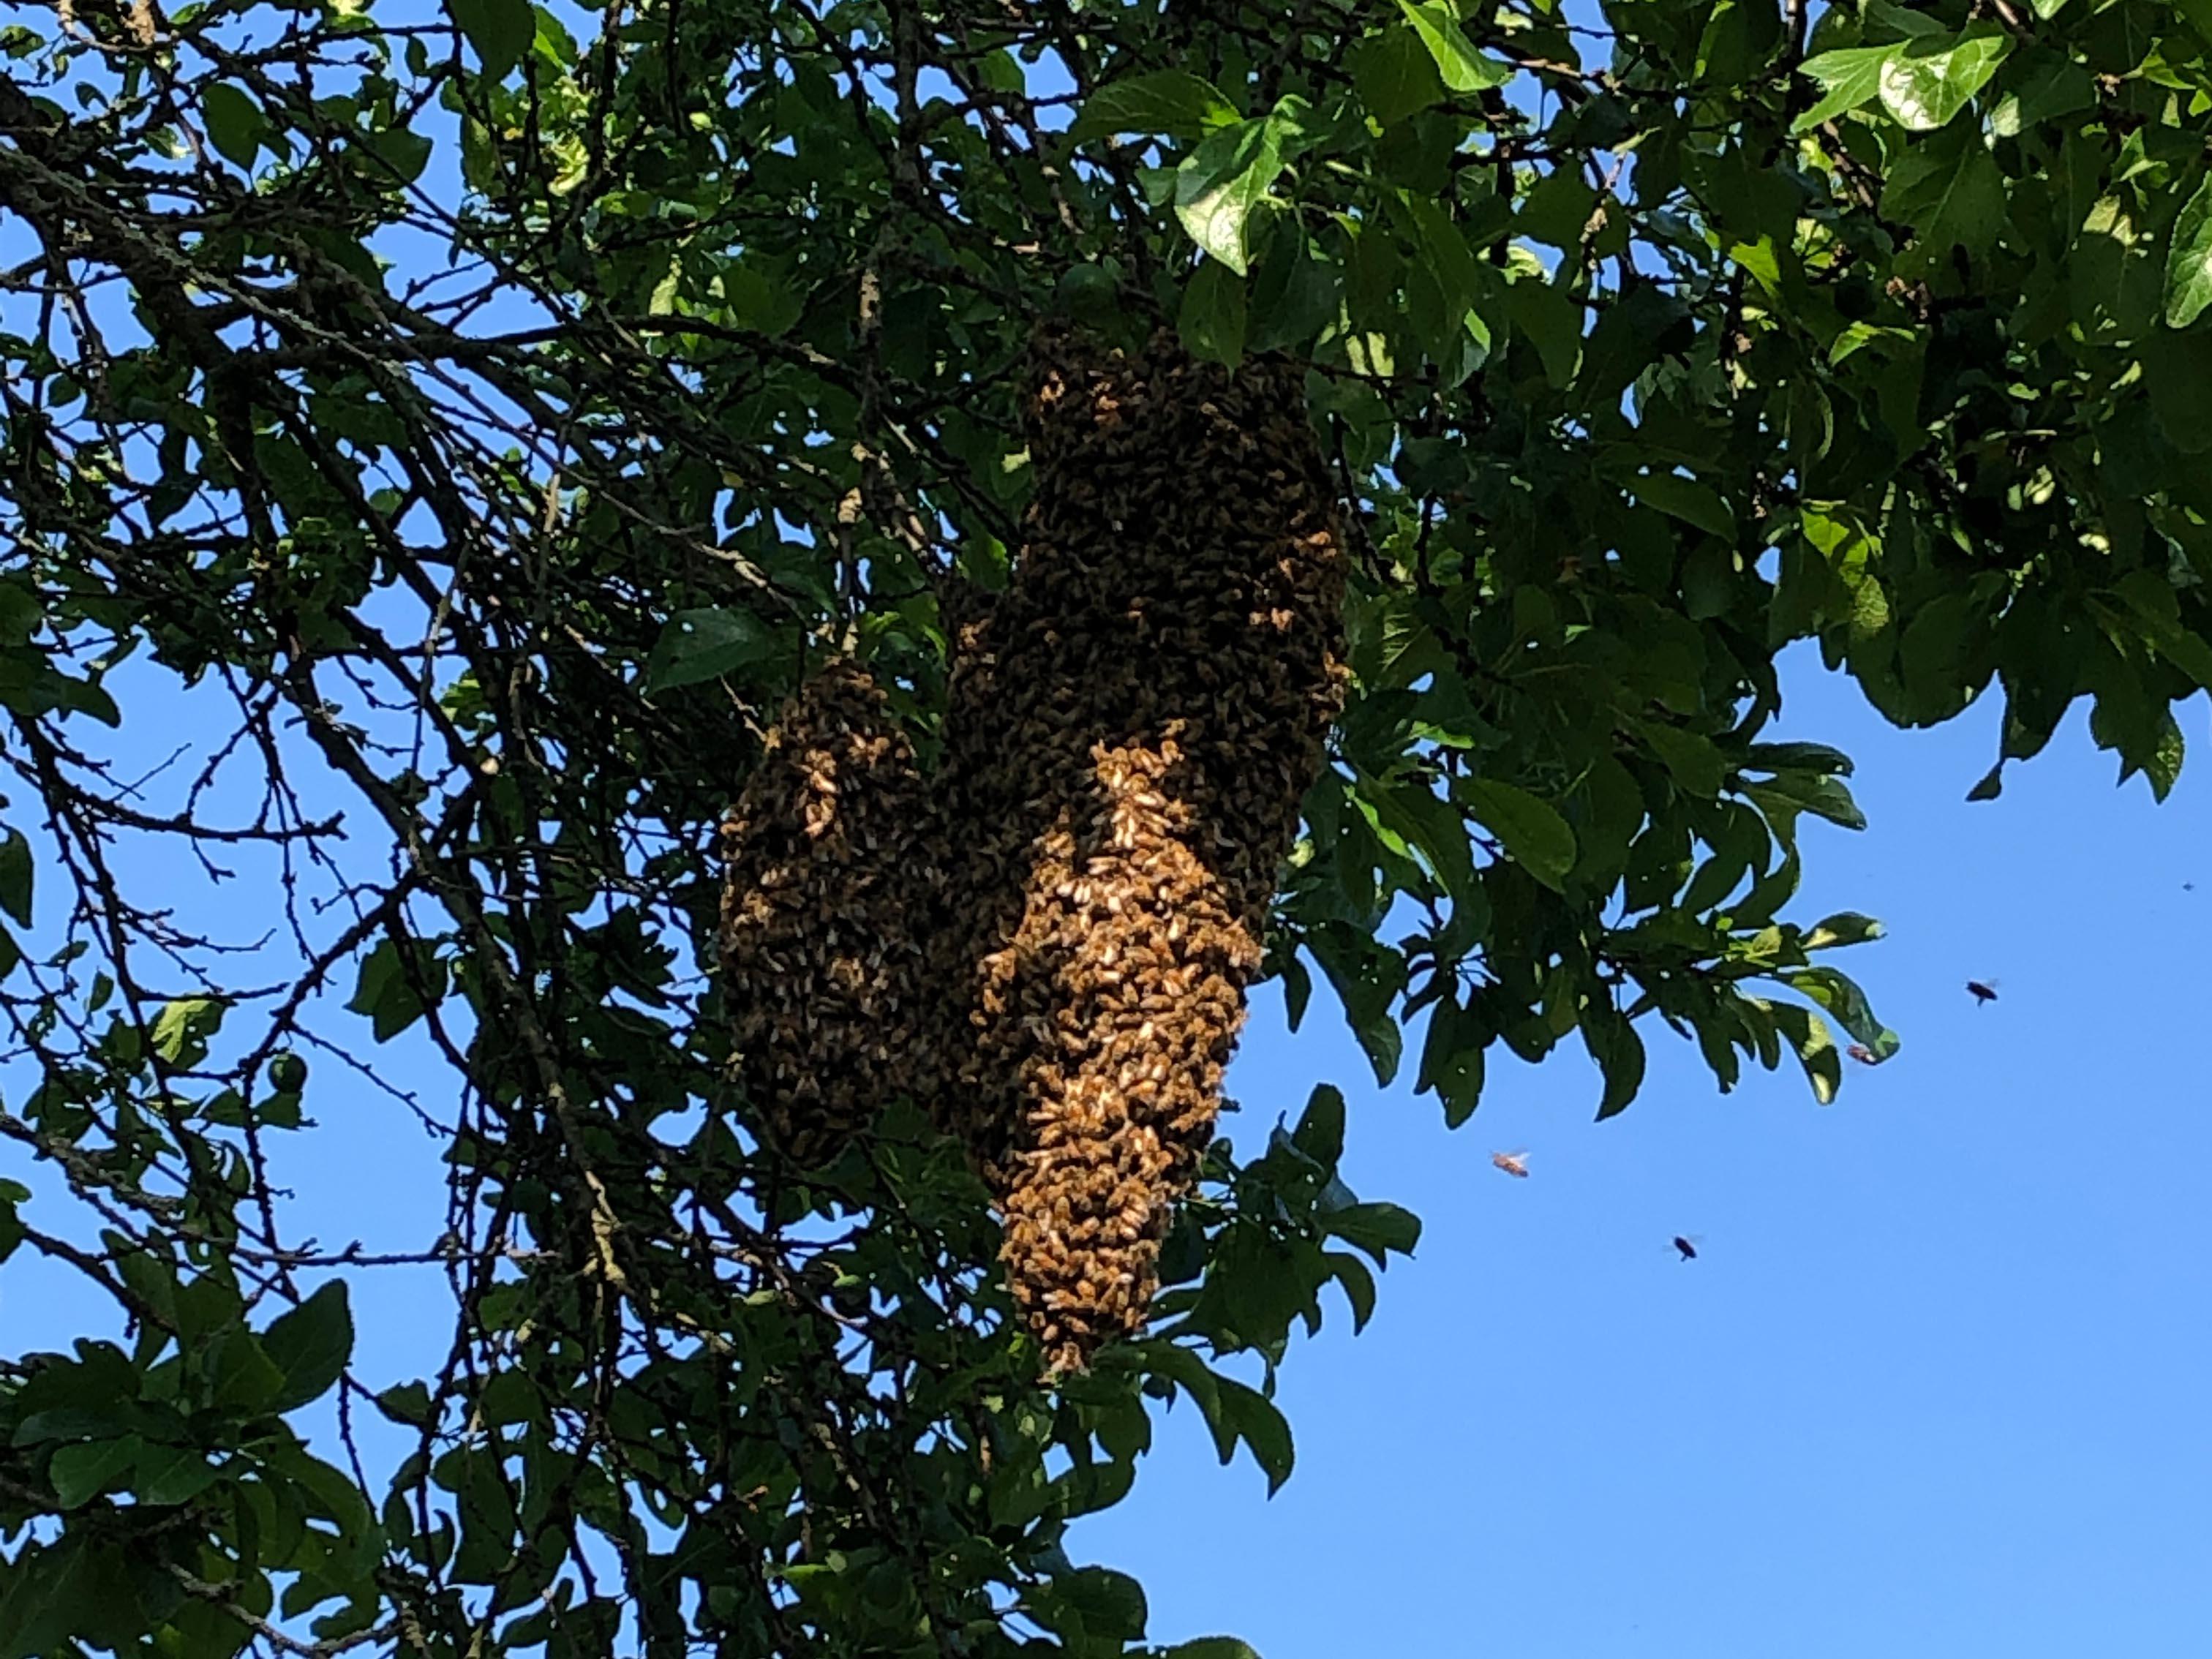 Bienenstock an einem Baum.